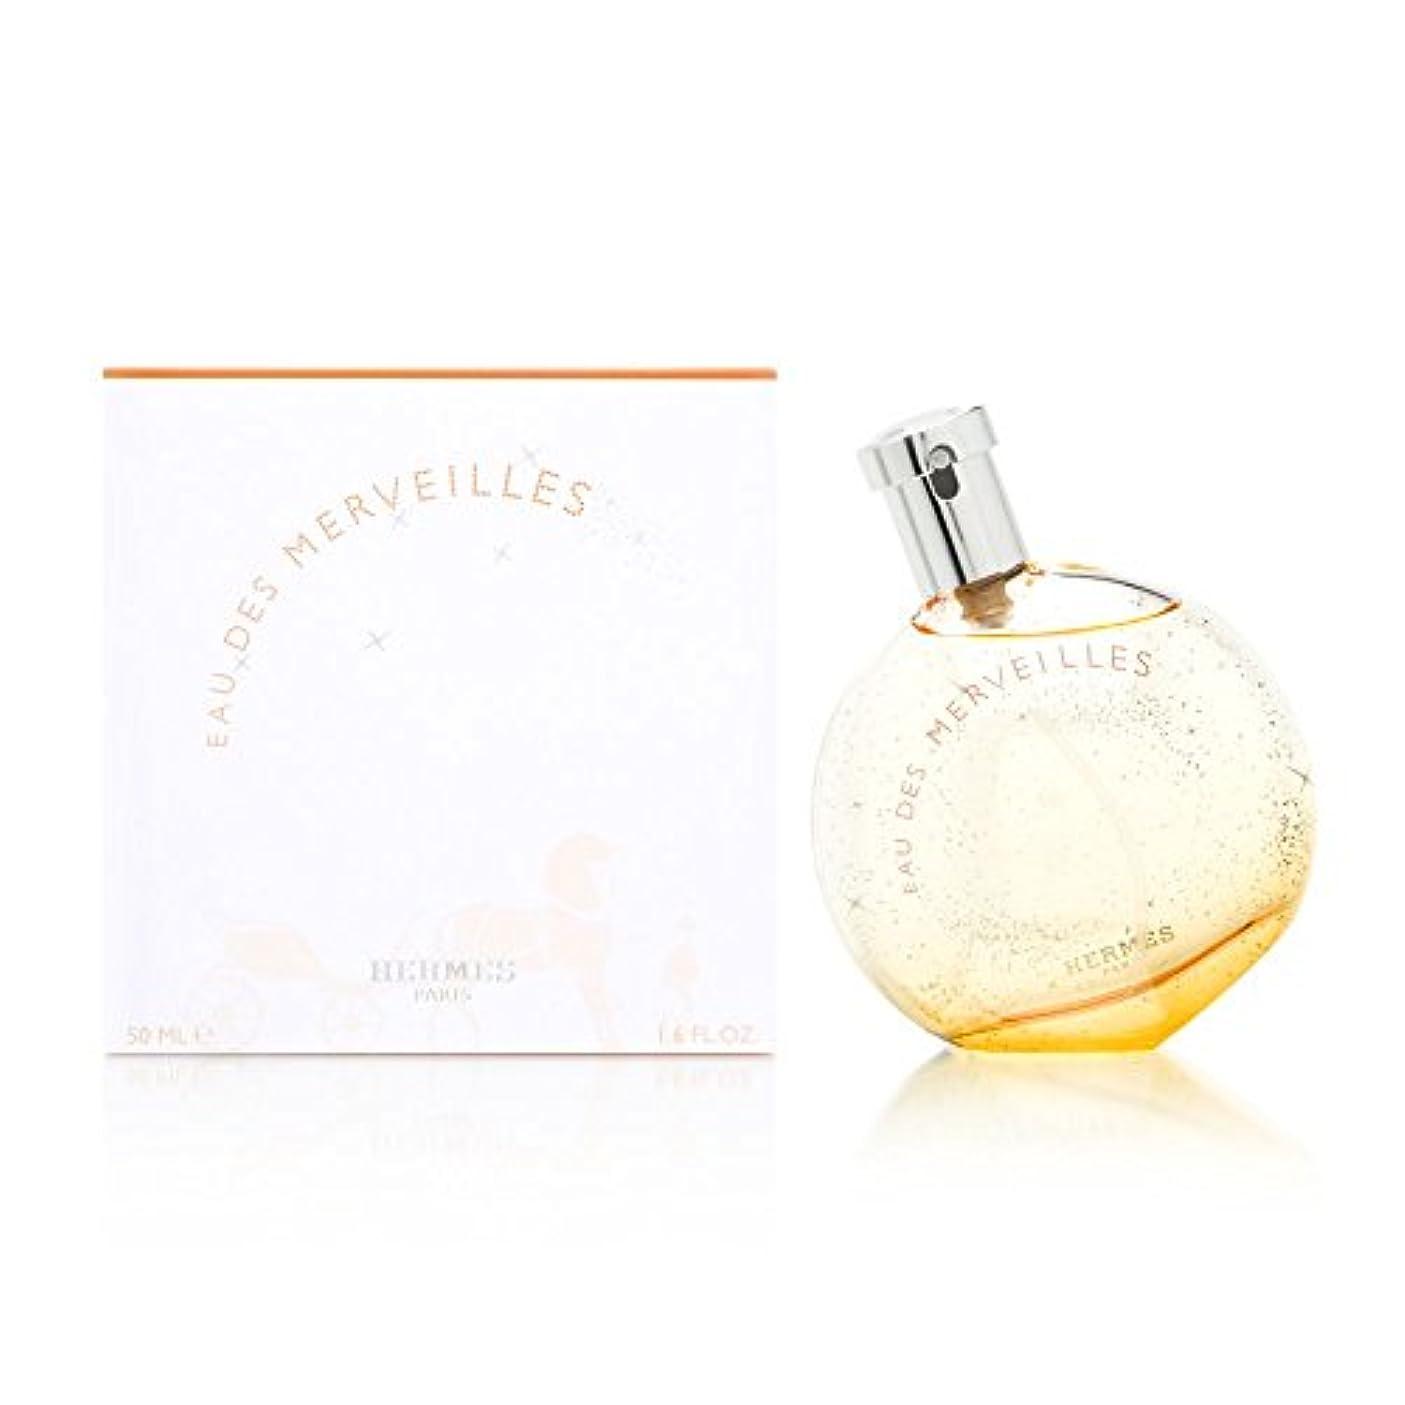 を必要としています幾何学限りなくエルメス オーデメルベイユ オードトワレ EDT 50mL 香水